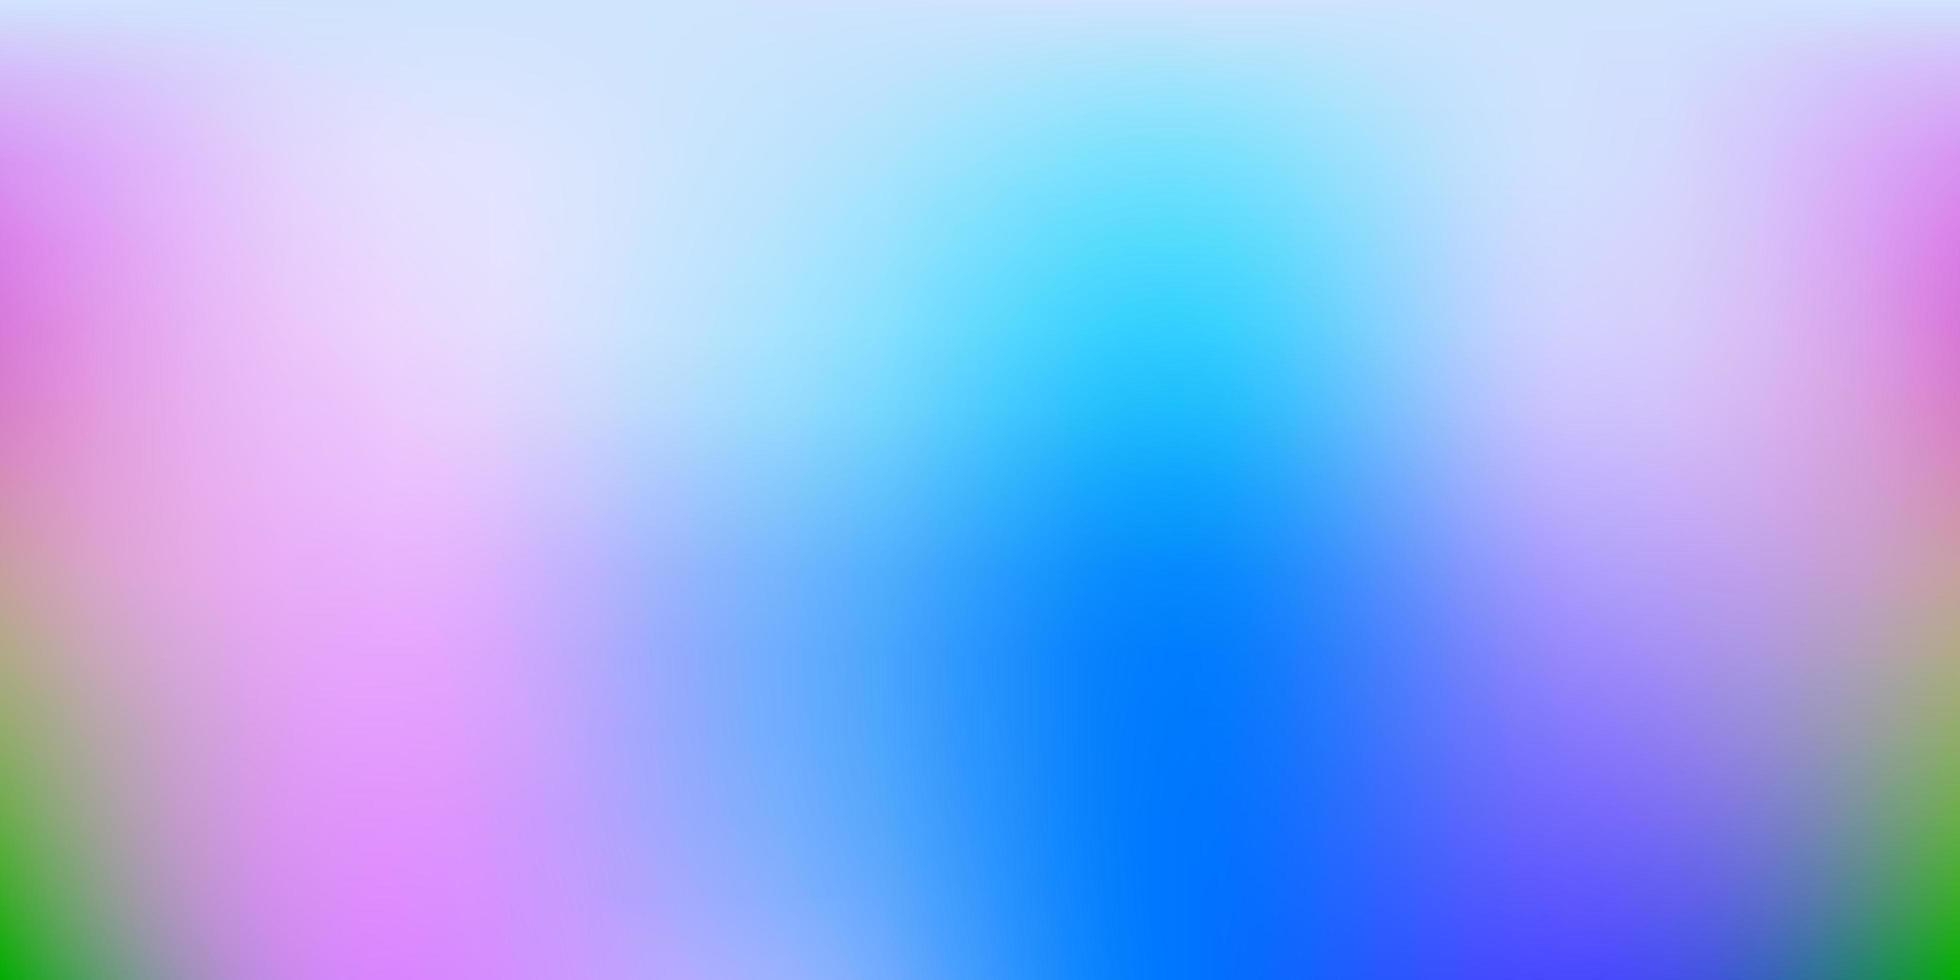 hellblauer, roter Vektor verwischen Hintergrund.